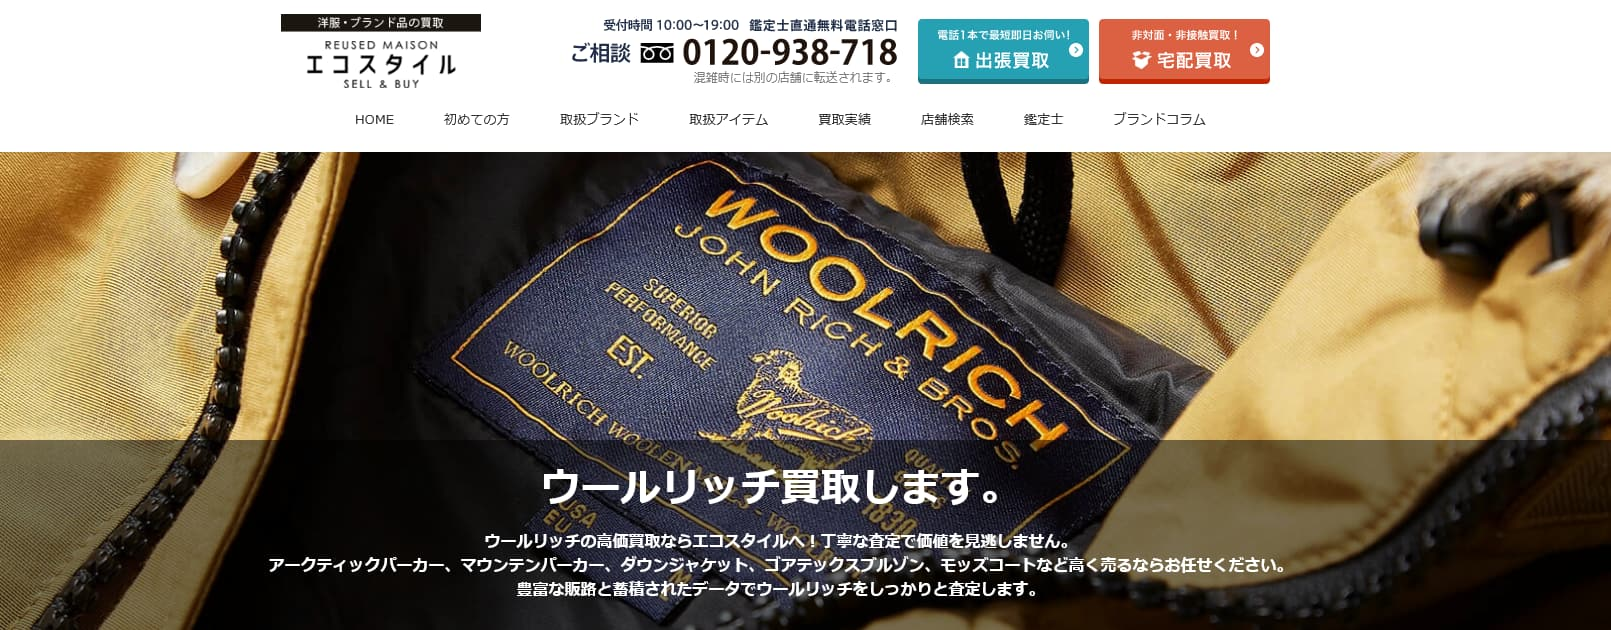 ウールリッチ買取おすすめ店円エコスタイル